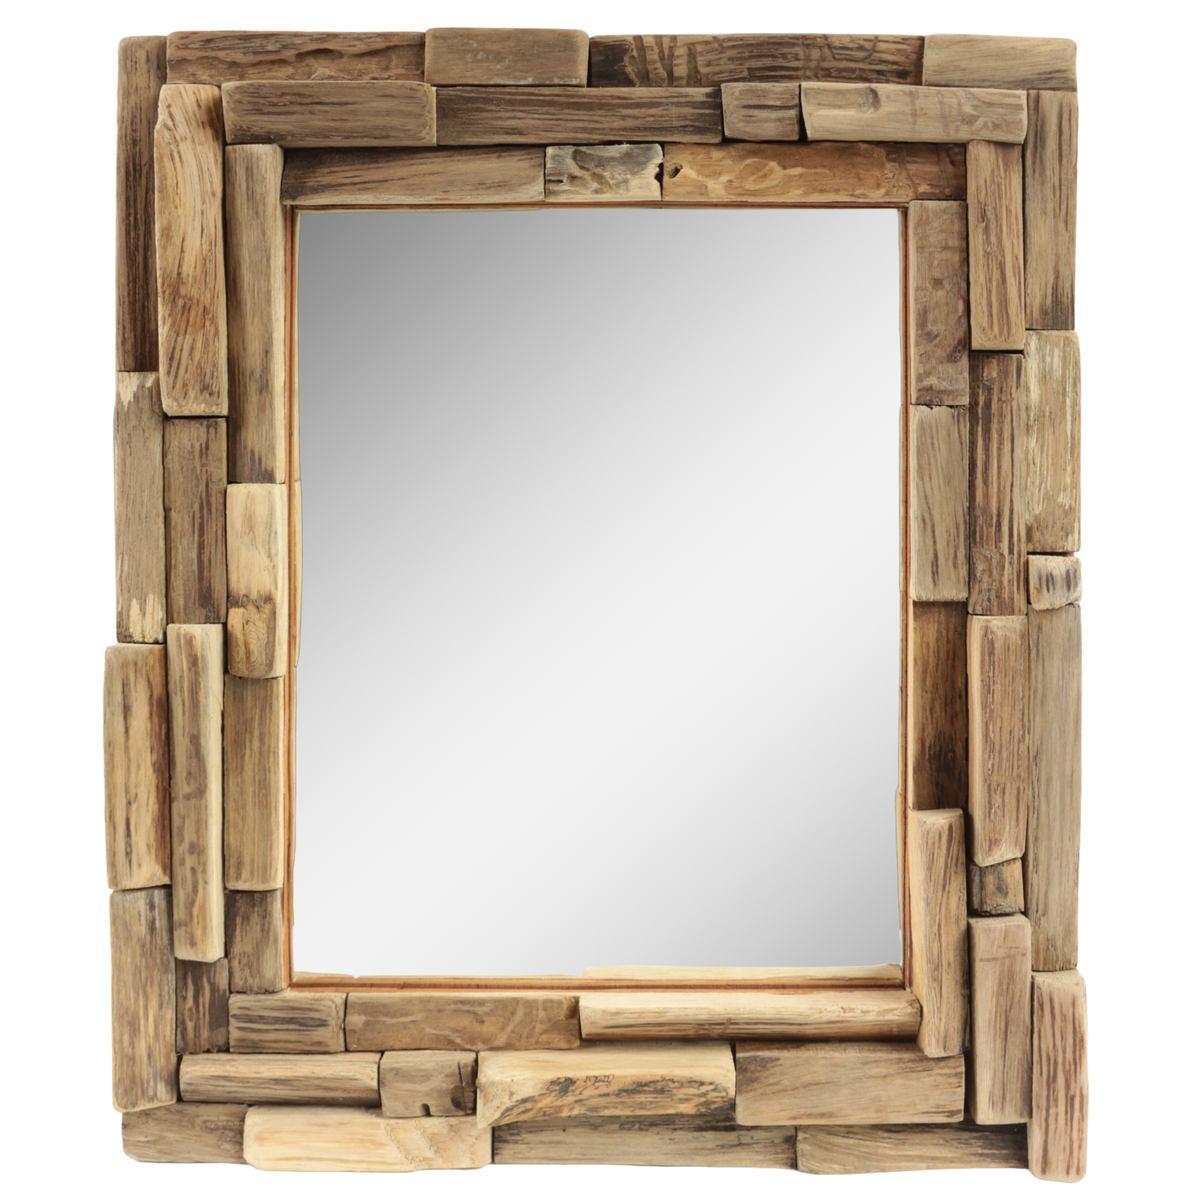 dekorativer spiegel mit holzrahmen mosaik aus holzst cken wandspiegel thailand massiv holz. Black Bedroom Furniture Sets. Home Design Ideas